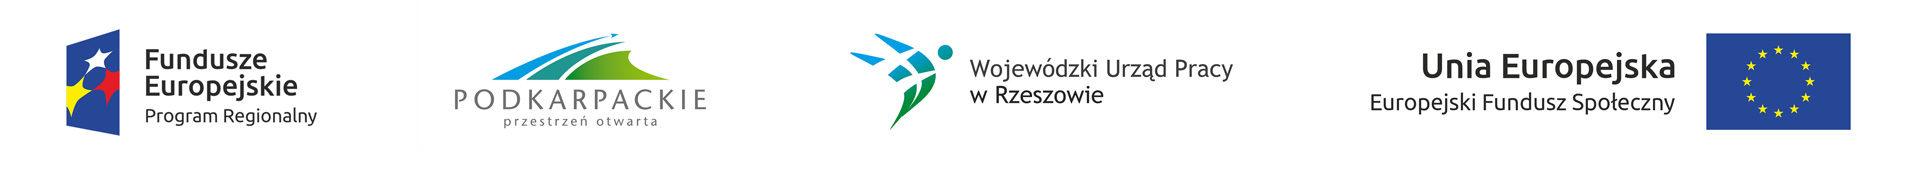 Strzyżowskie Forum Gospodarcze